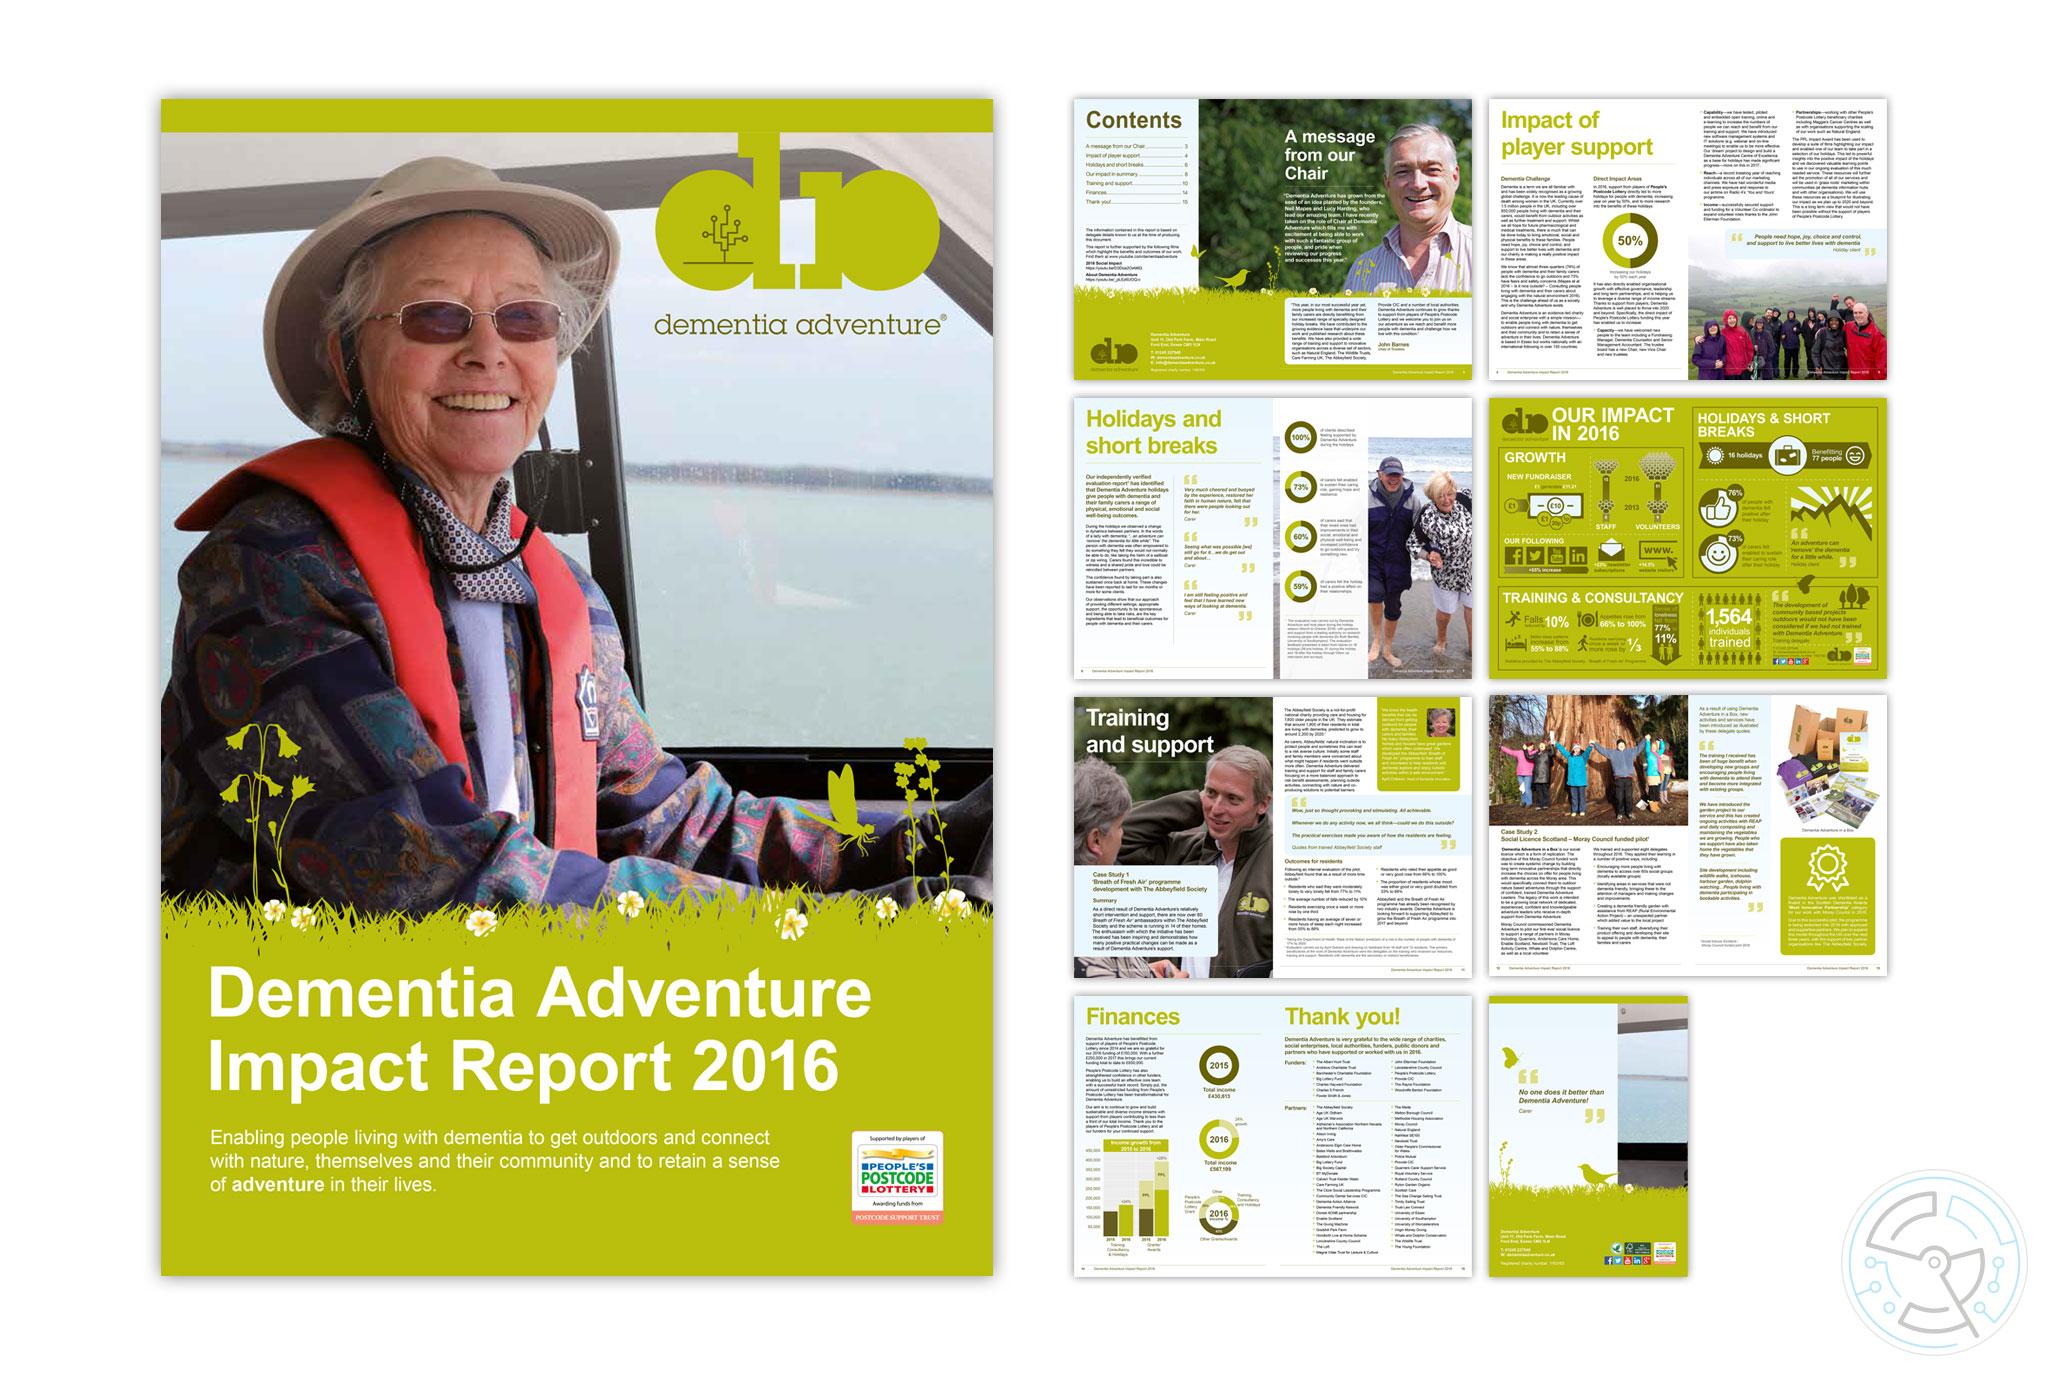 Dementia Adventure Impact Report 2016